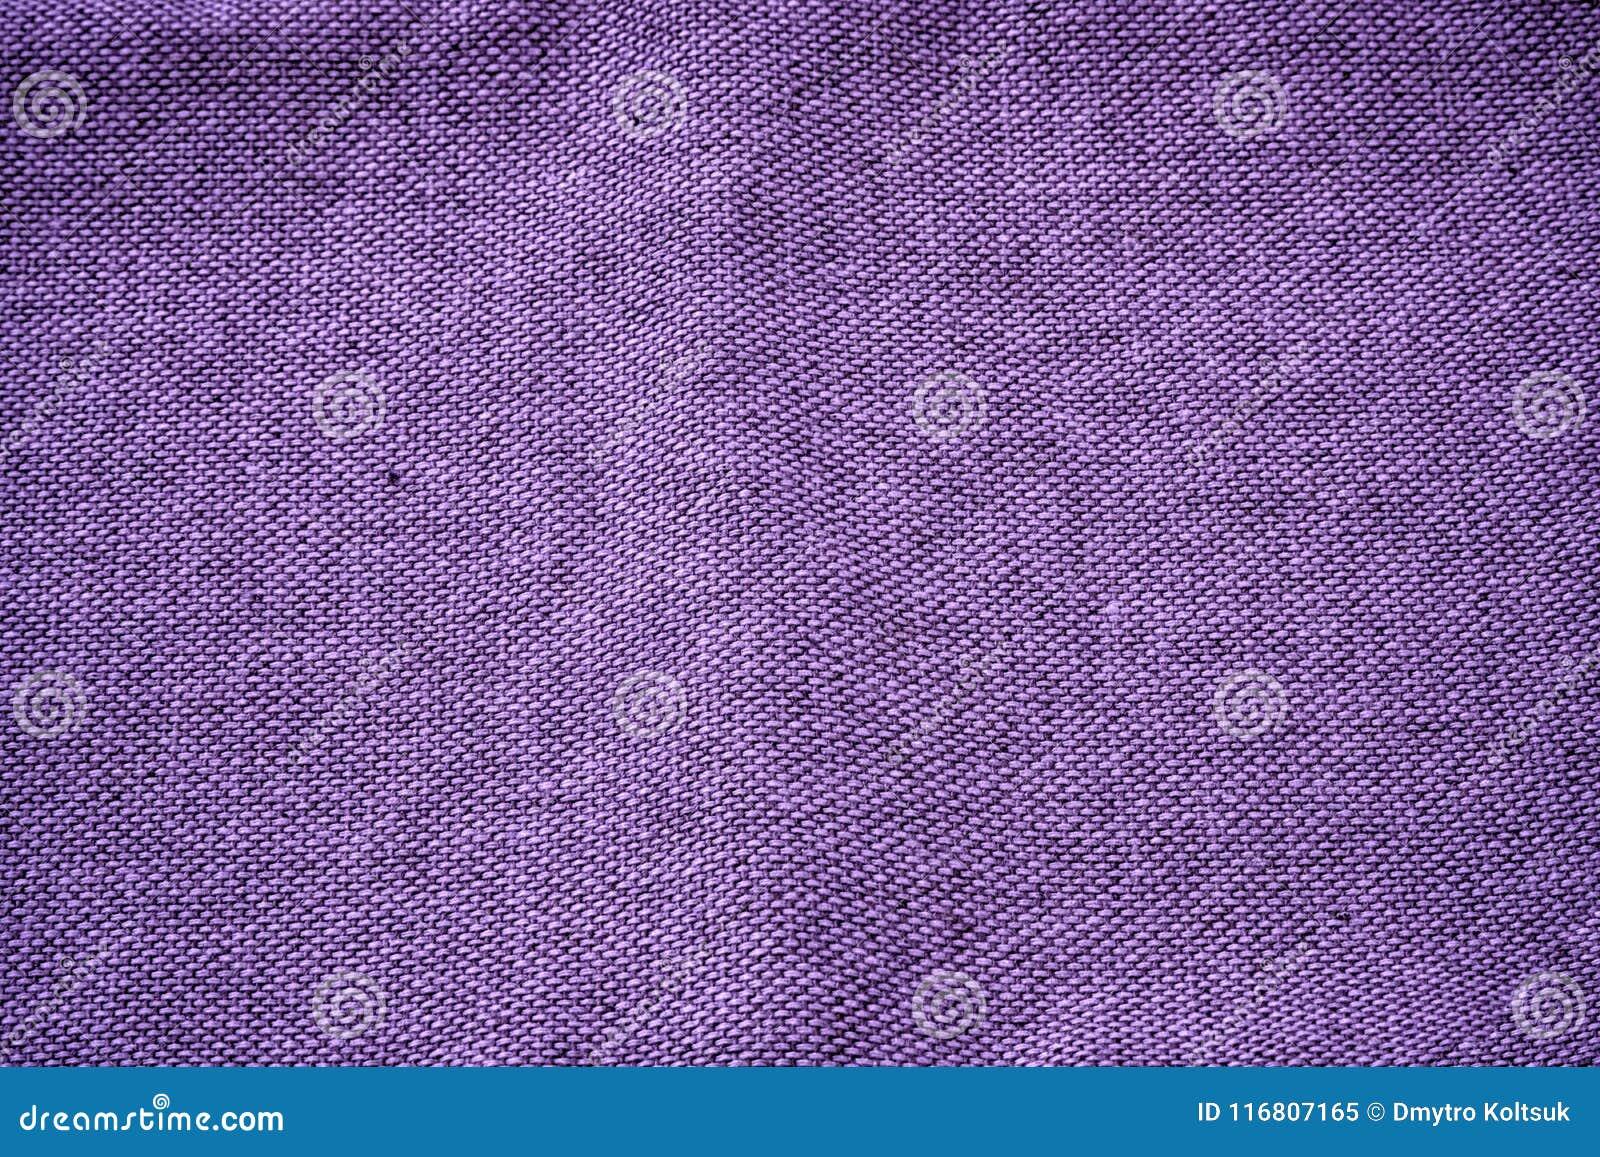 Superficie di tela ultra porpora del tessuto per uso del progettista o del modello, campione, campione della copertina di libro